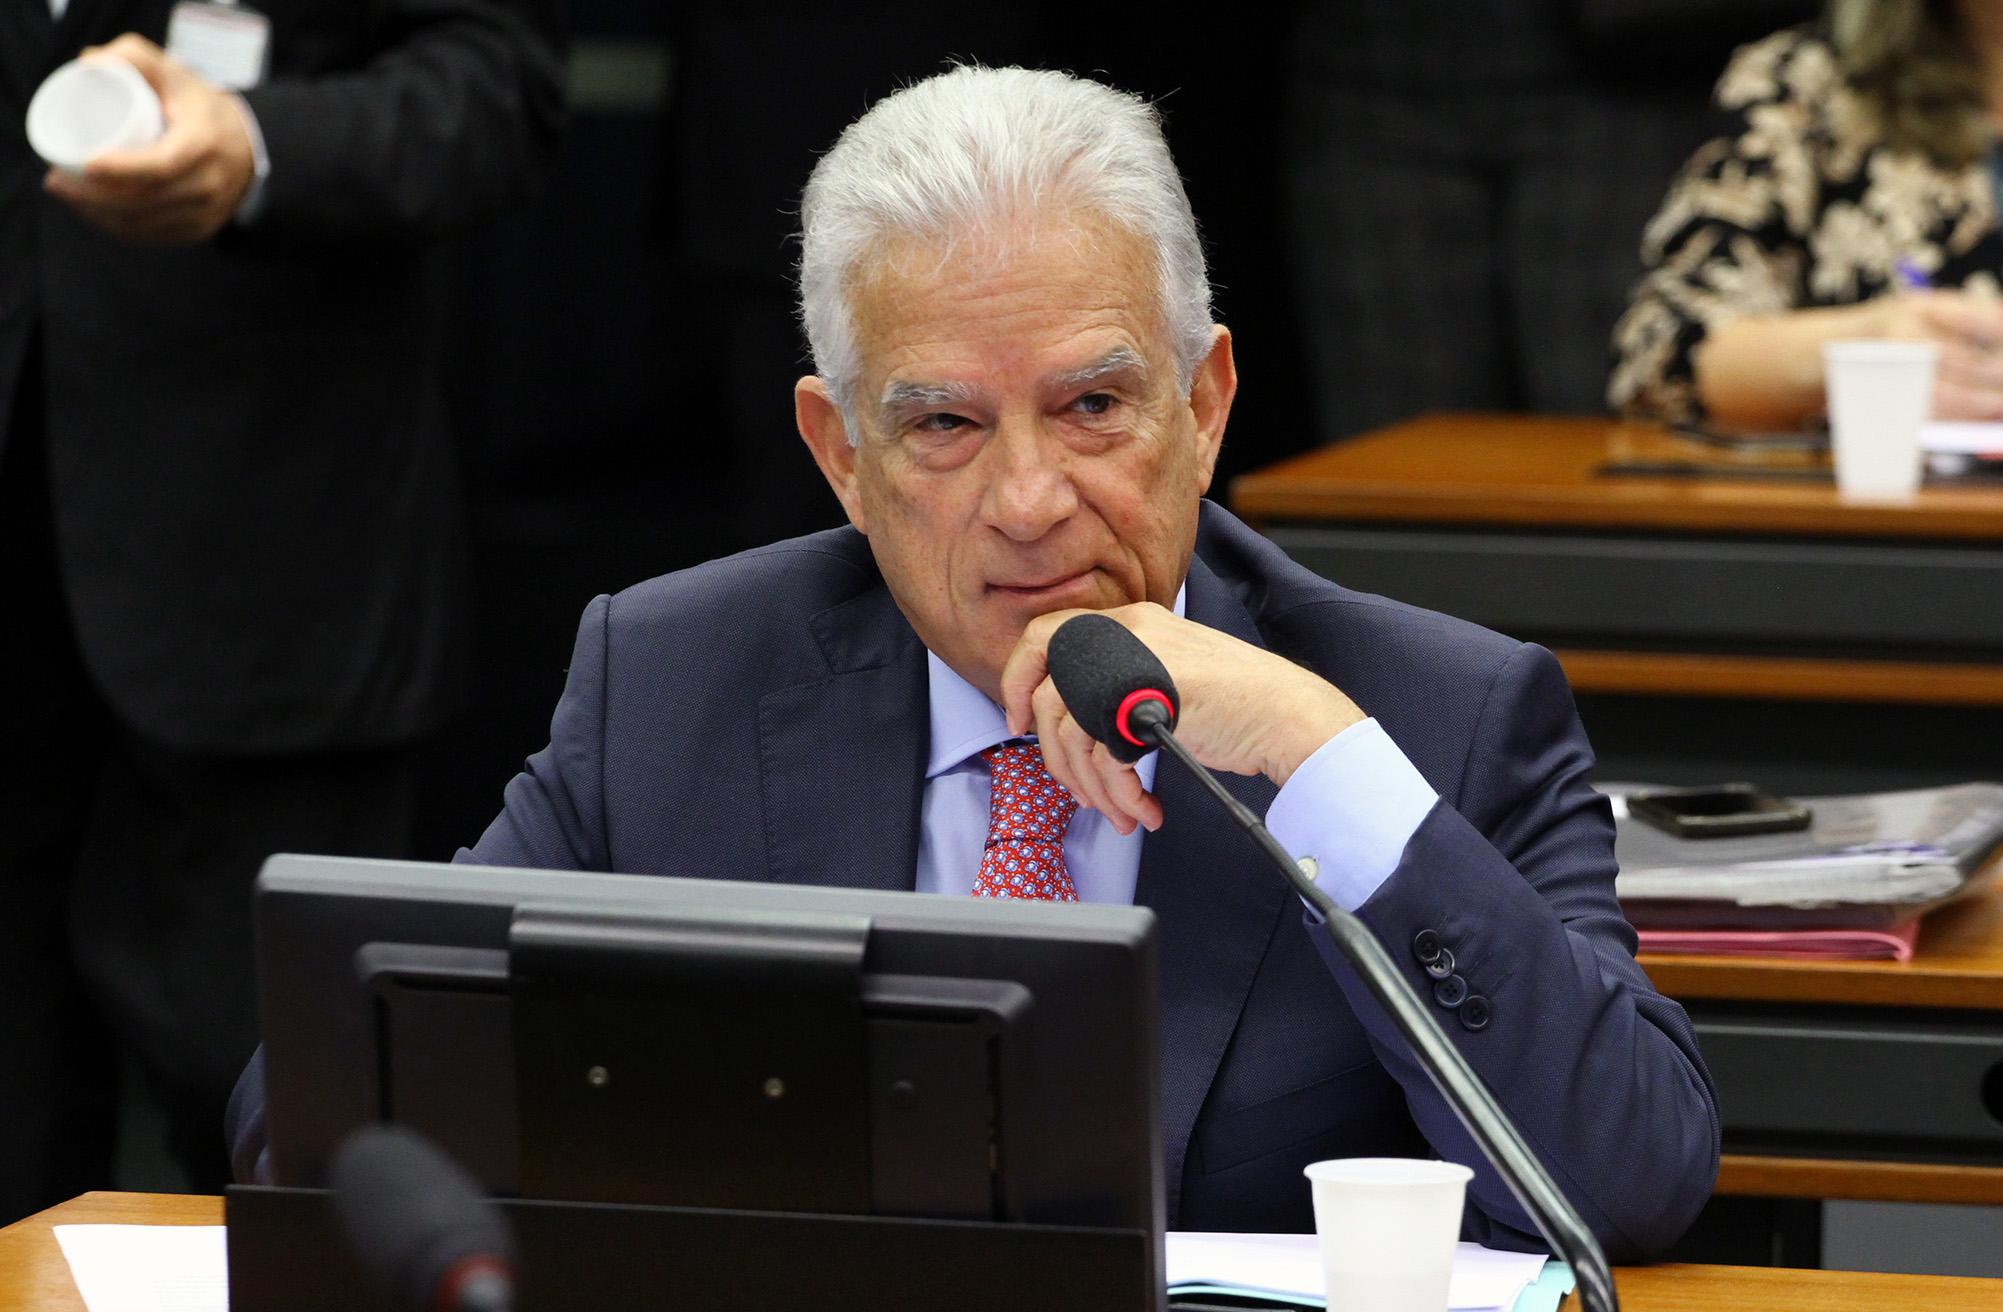 Reunião deliberativa. Dep. Rubens Bueno (PPS - PR)